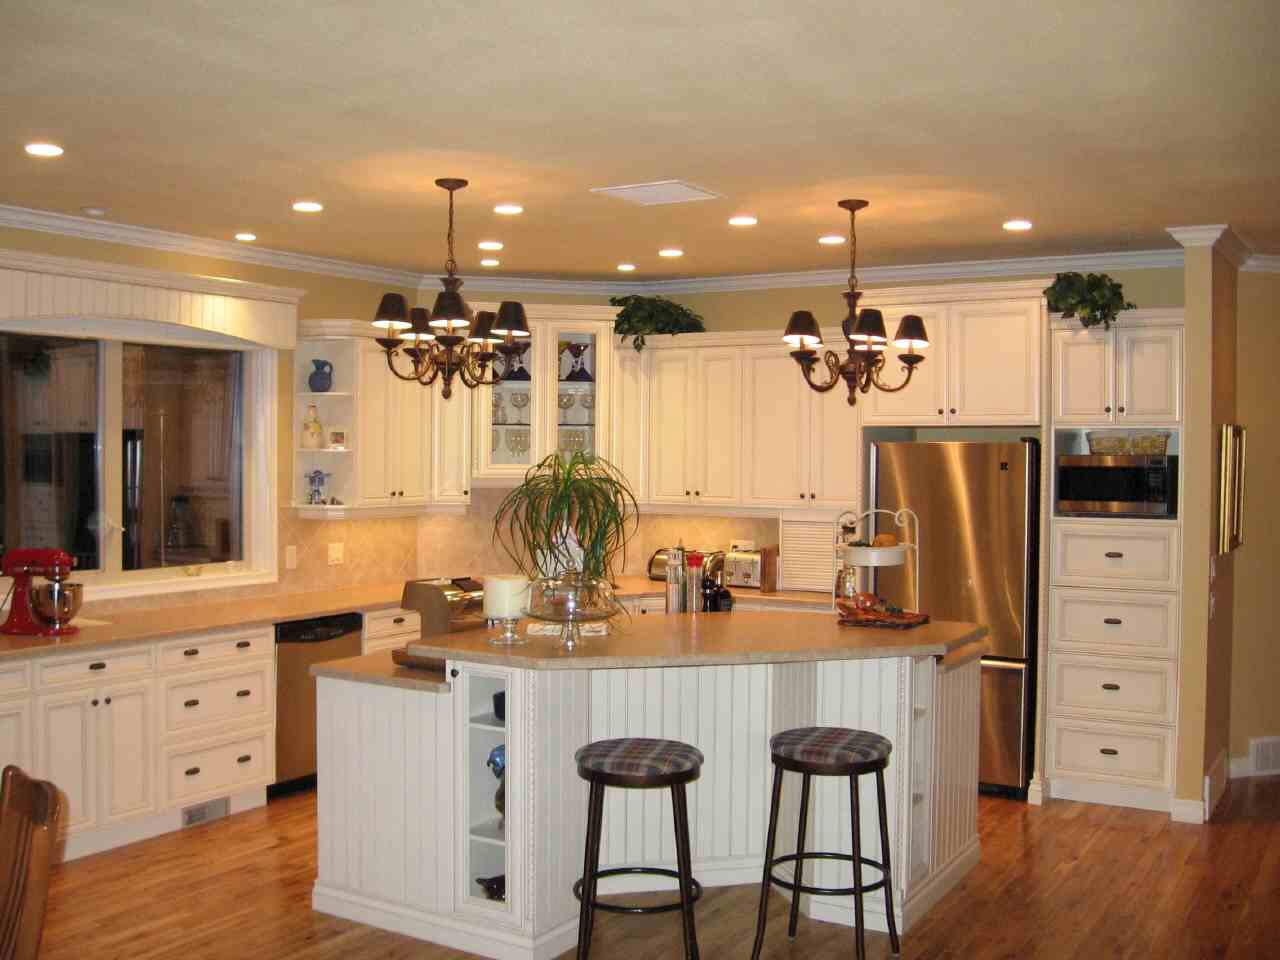 Kitchen wall light photo - 2